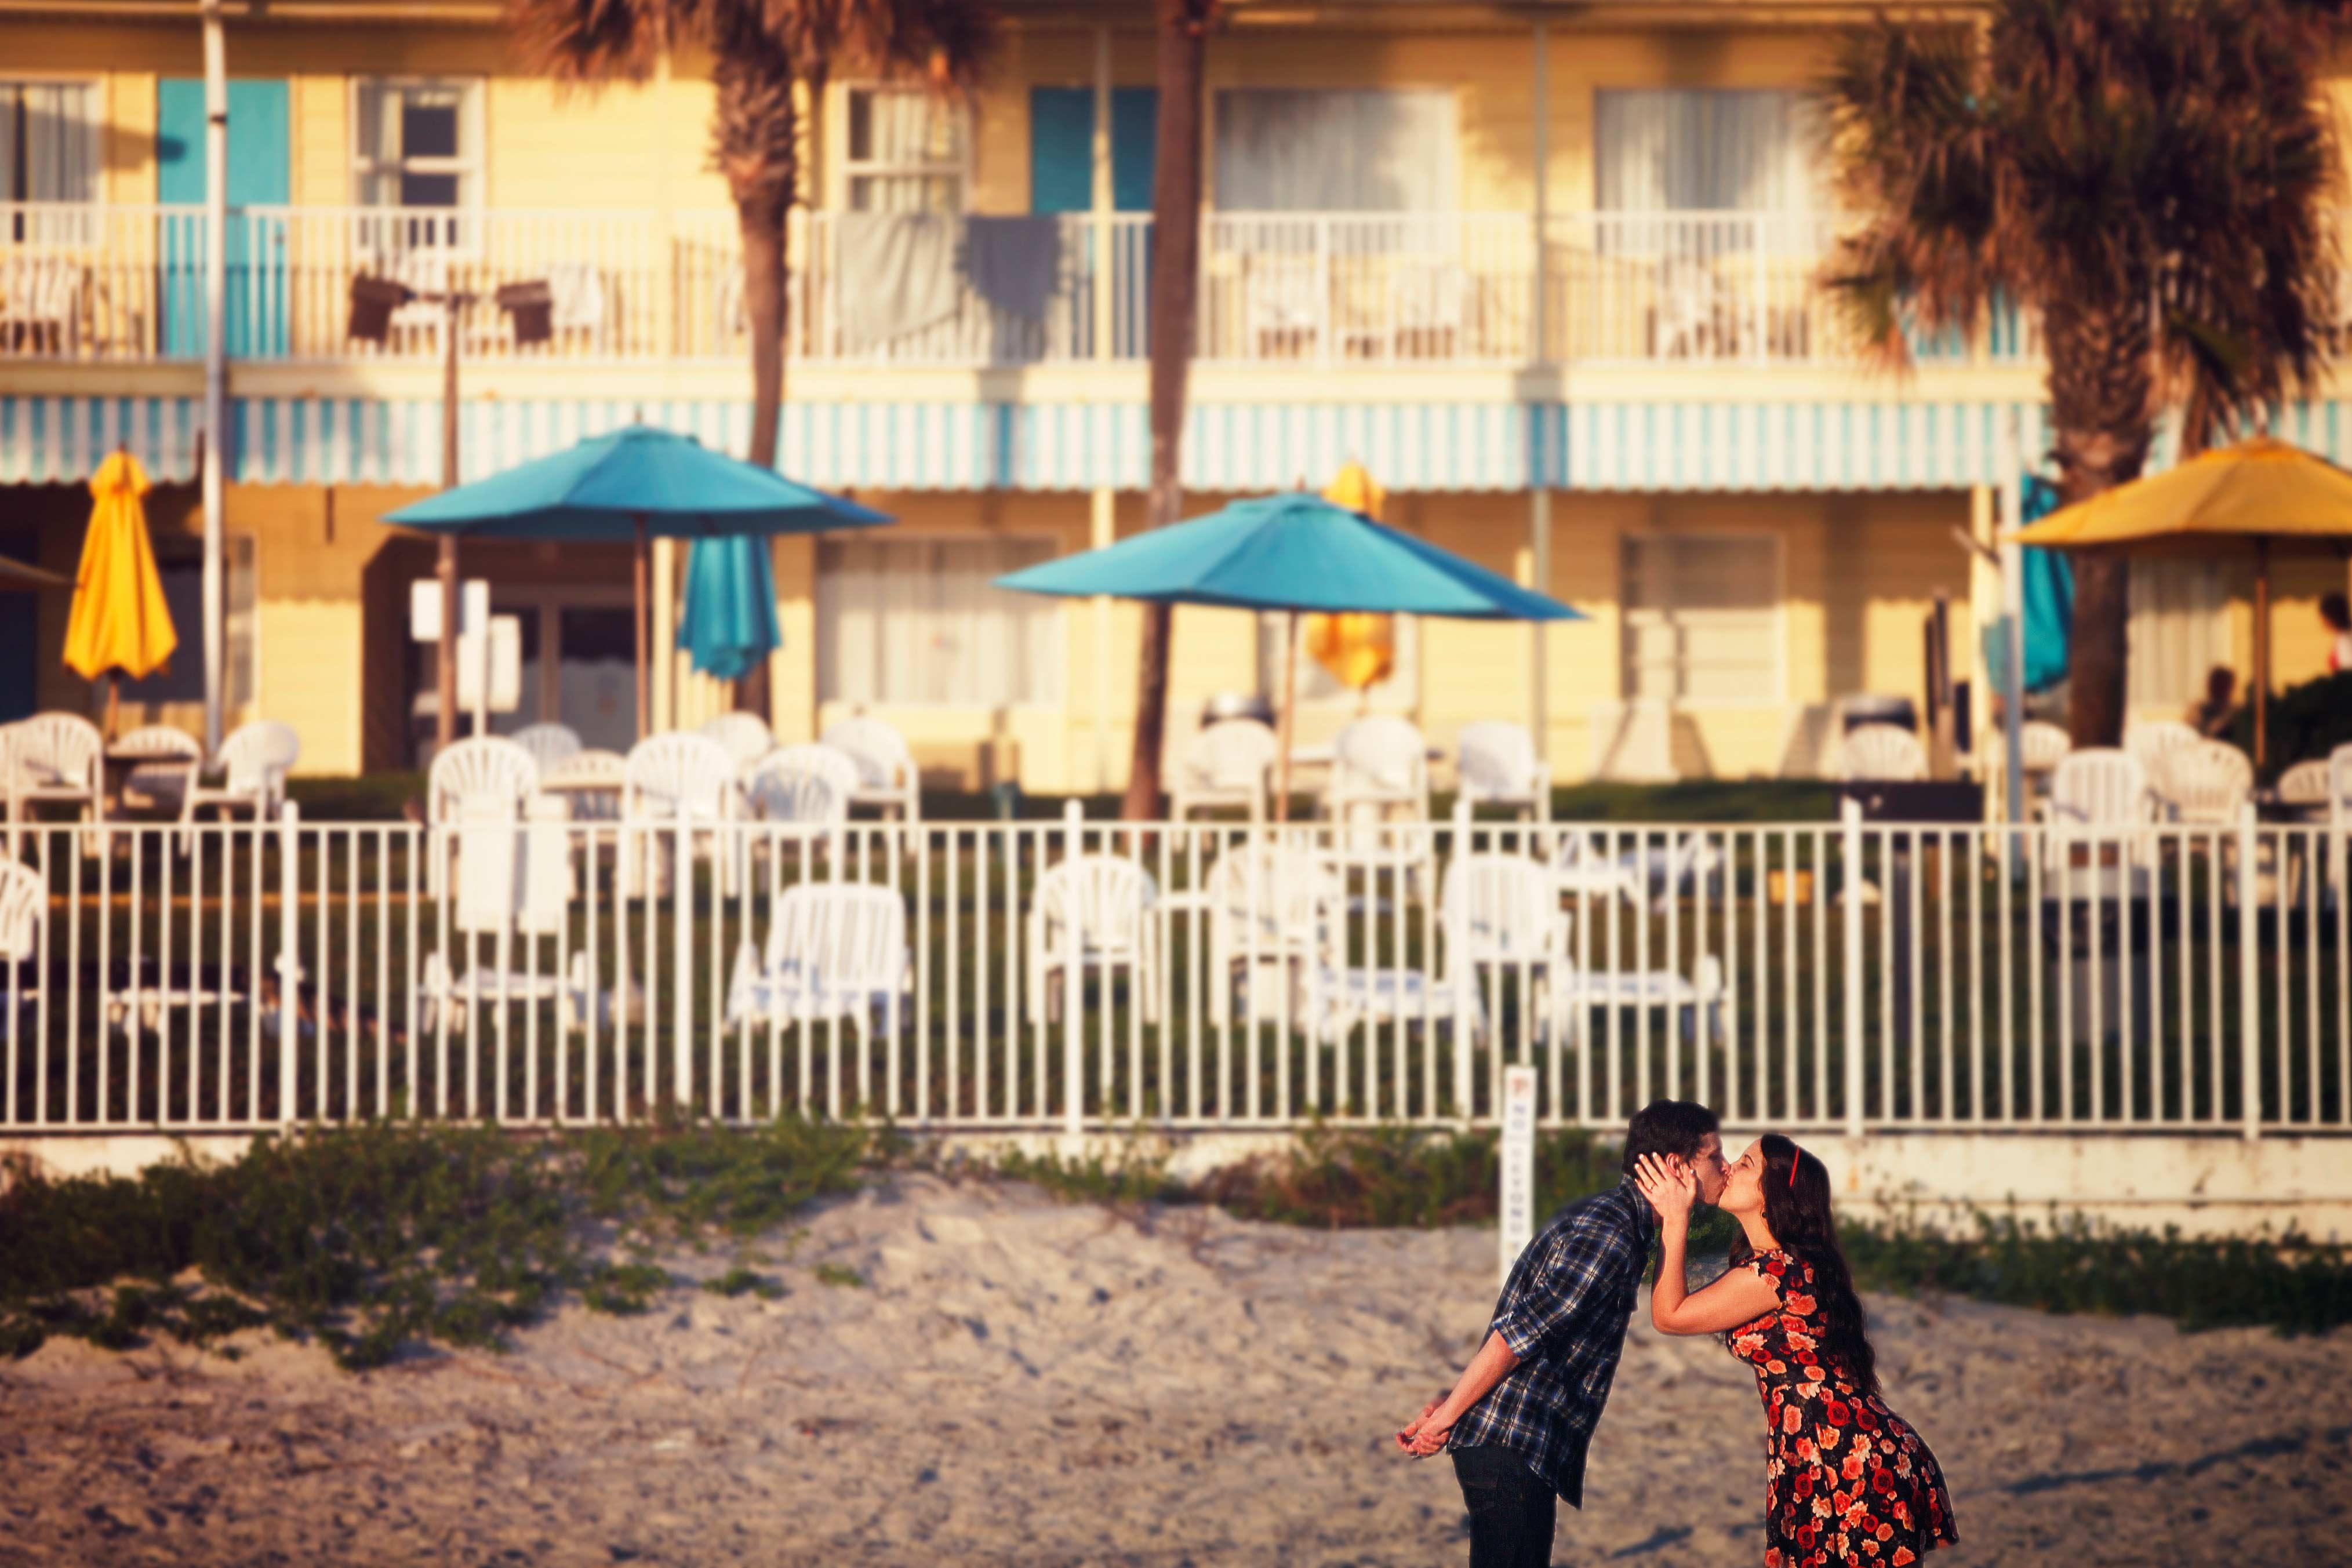 Image 1 of Rachel and Jacob | Daytona Beach Proposal